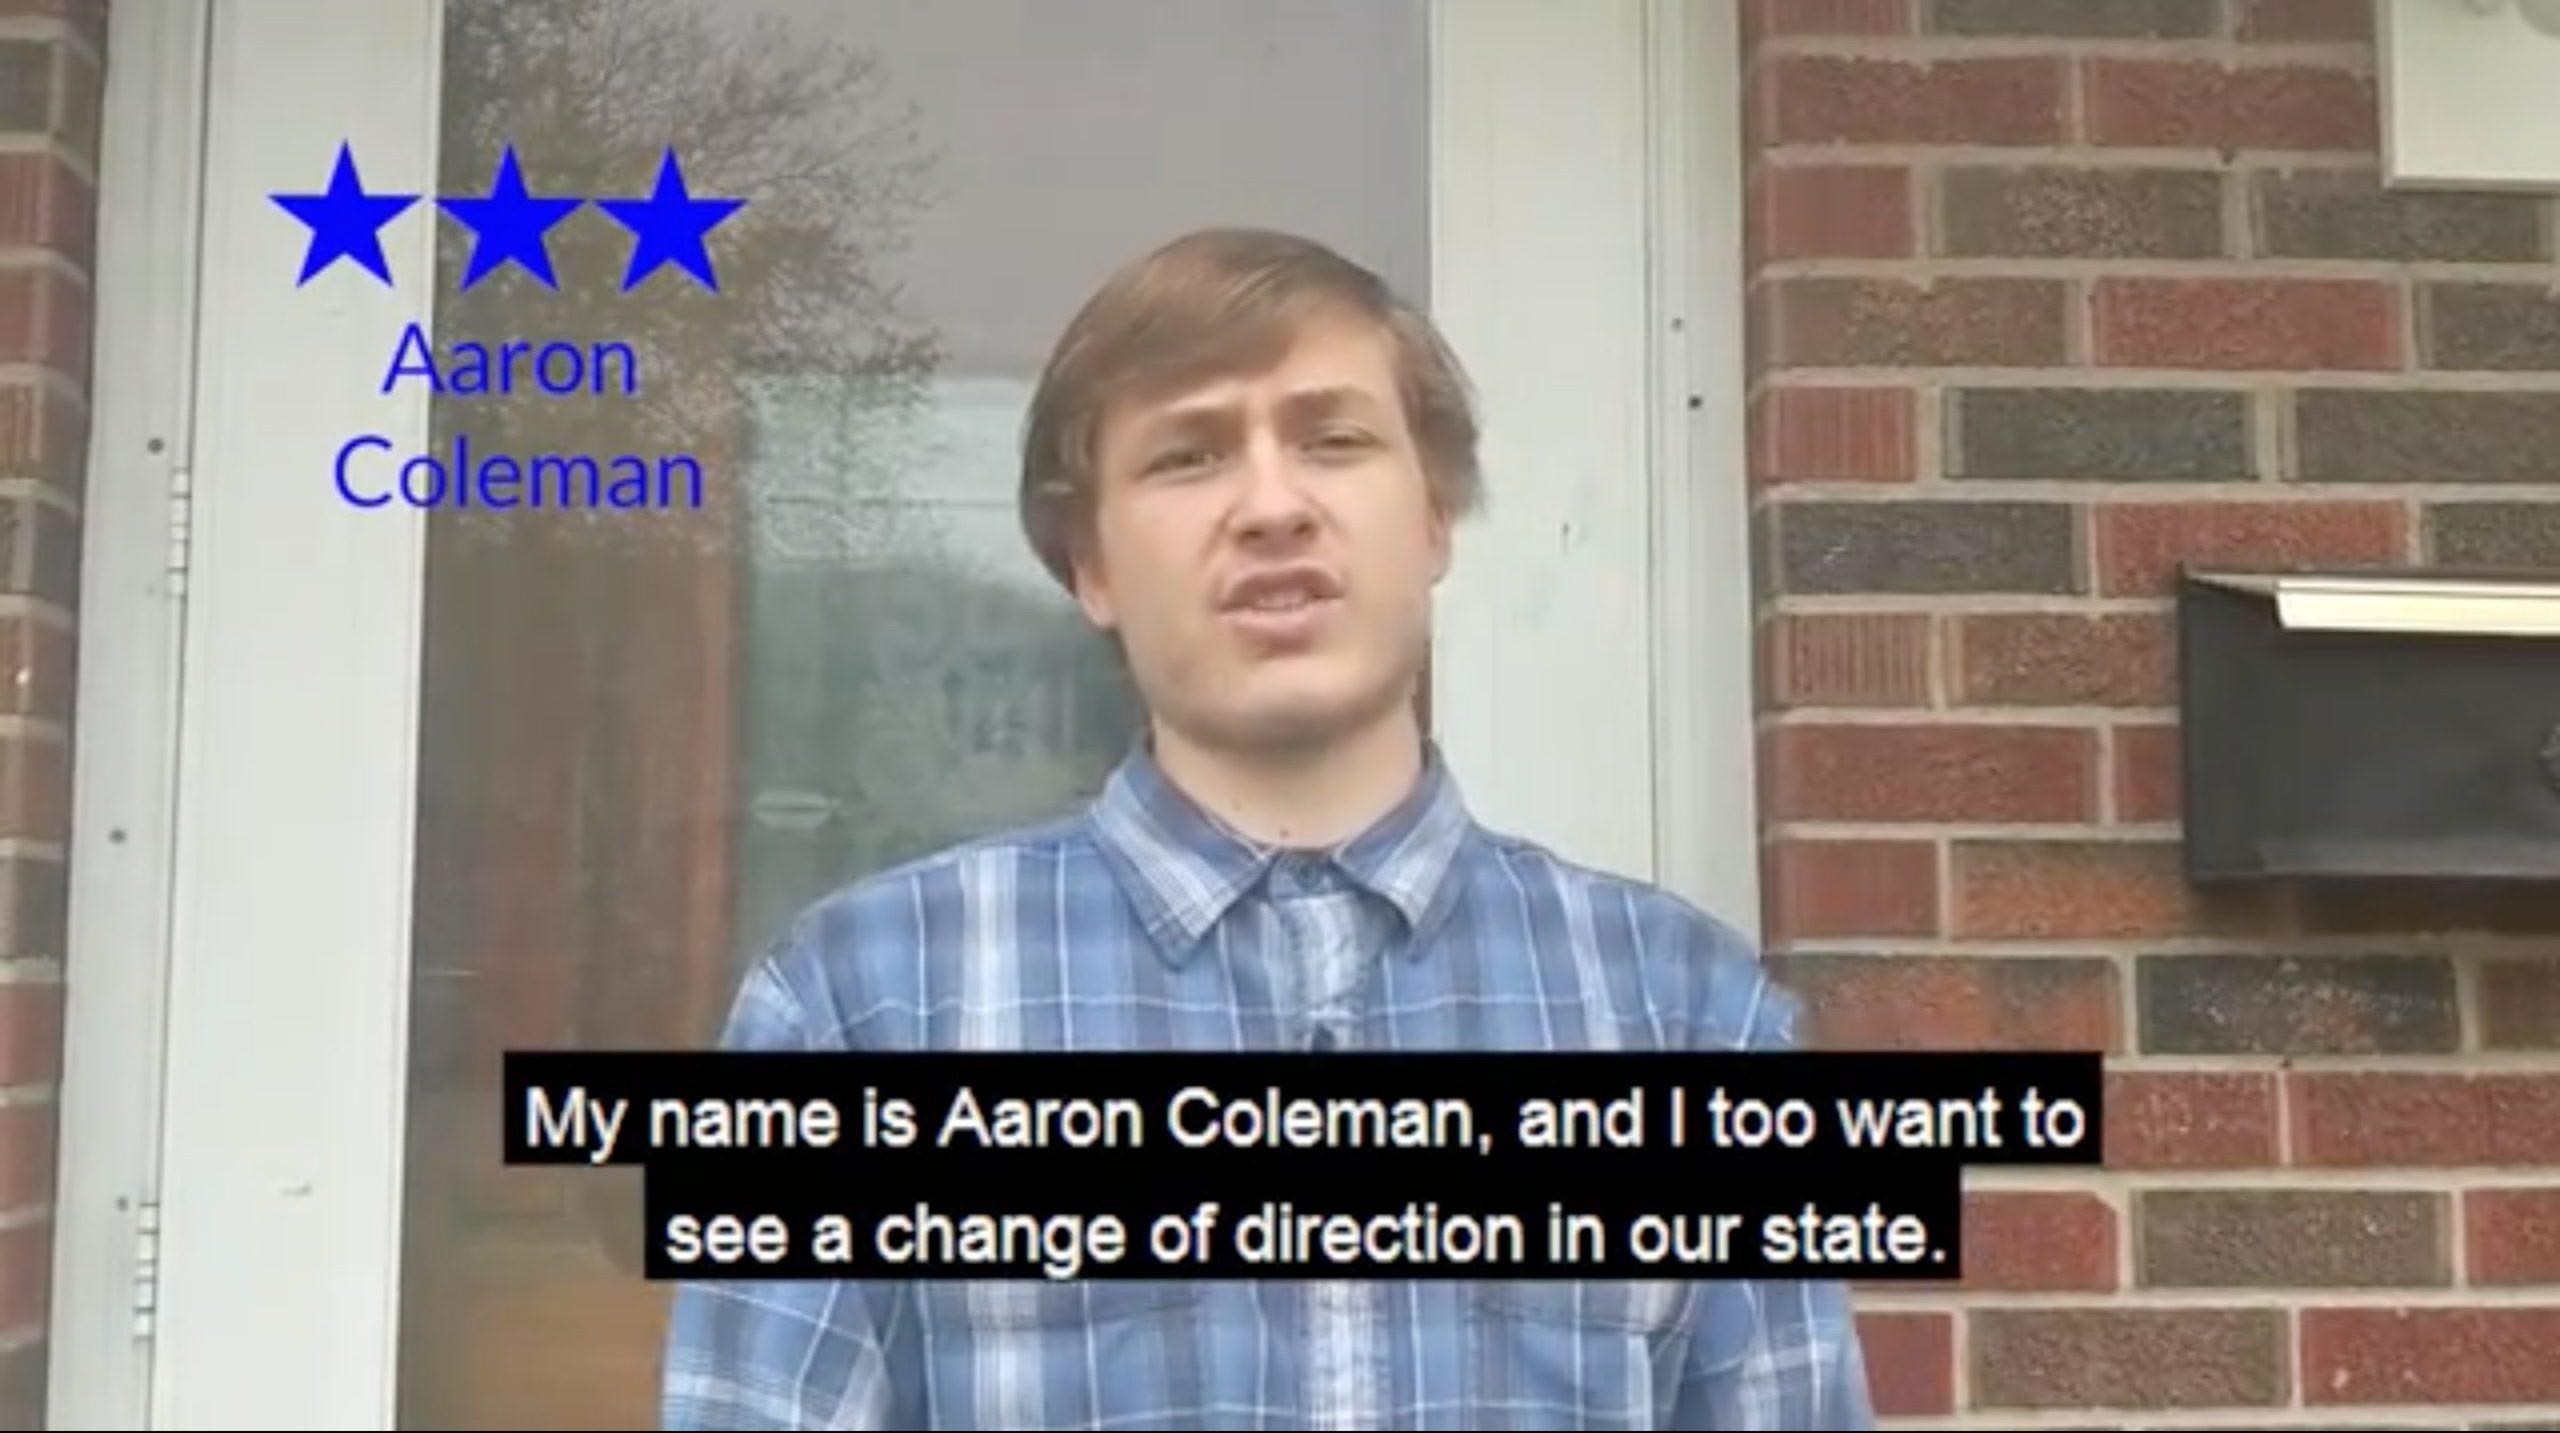 Aaron Coleman, 19, speaks in a April 27 campaign video. (Aaron Coleman/Video screenshot/YouTube)